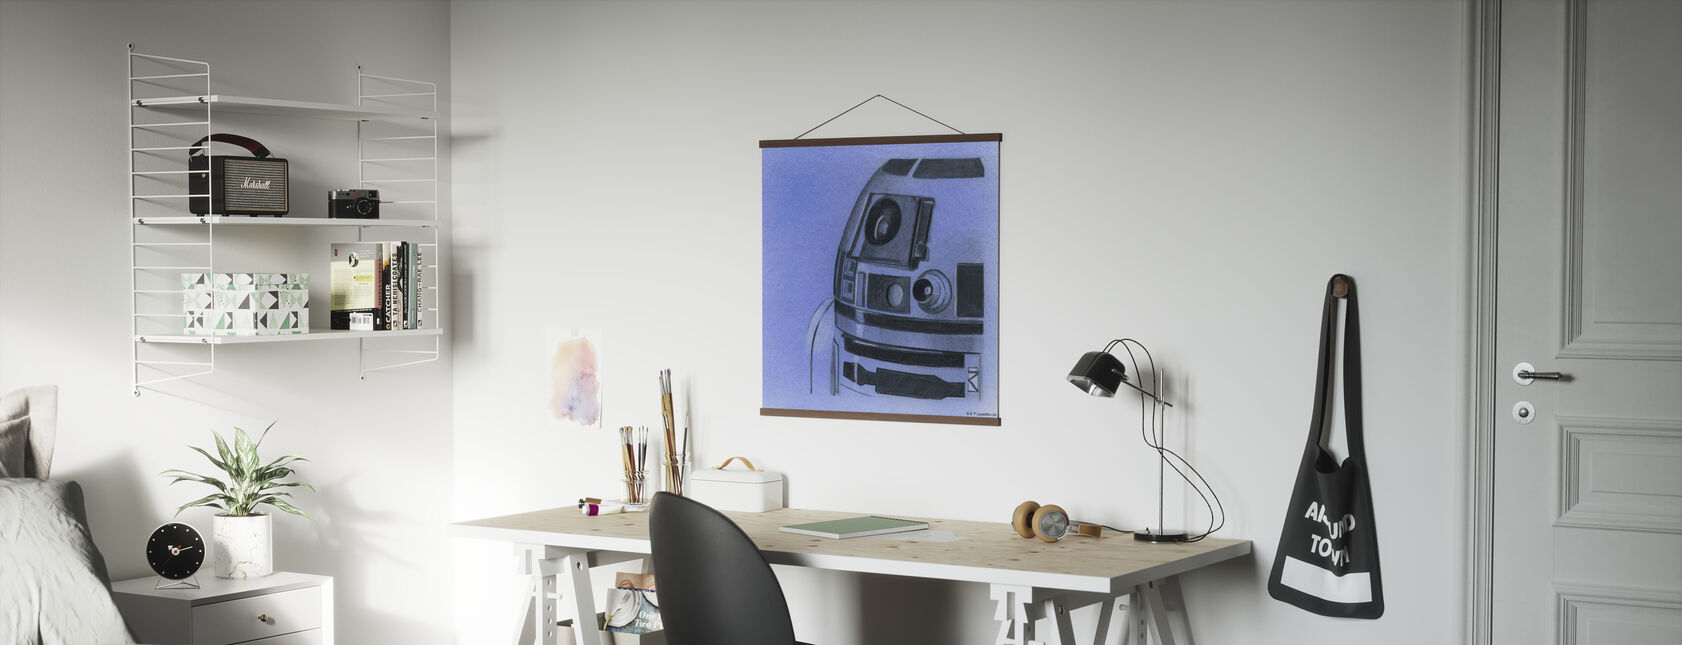 Star Wars - R2-D2, colore: Blu grafite - Poster - Uffici